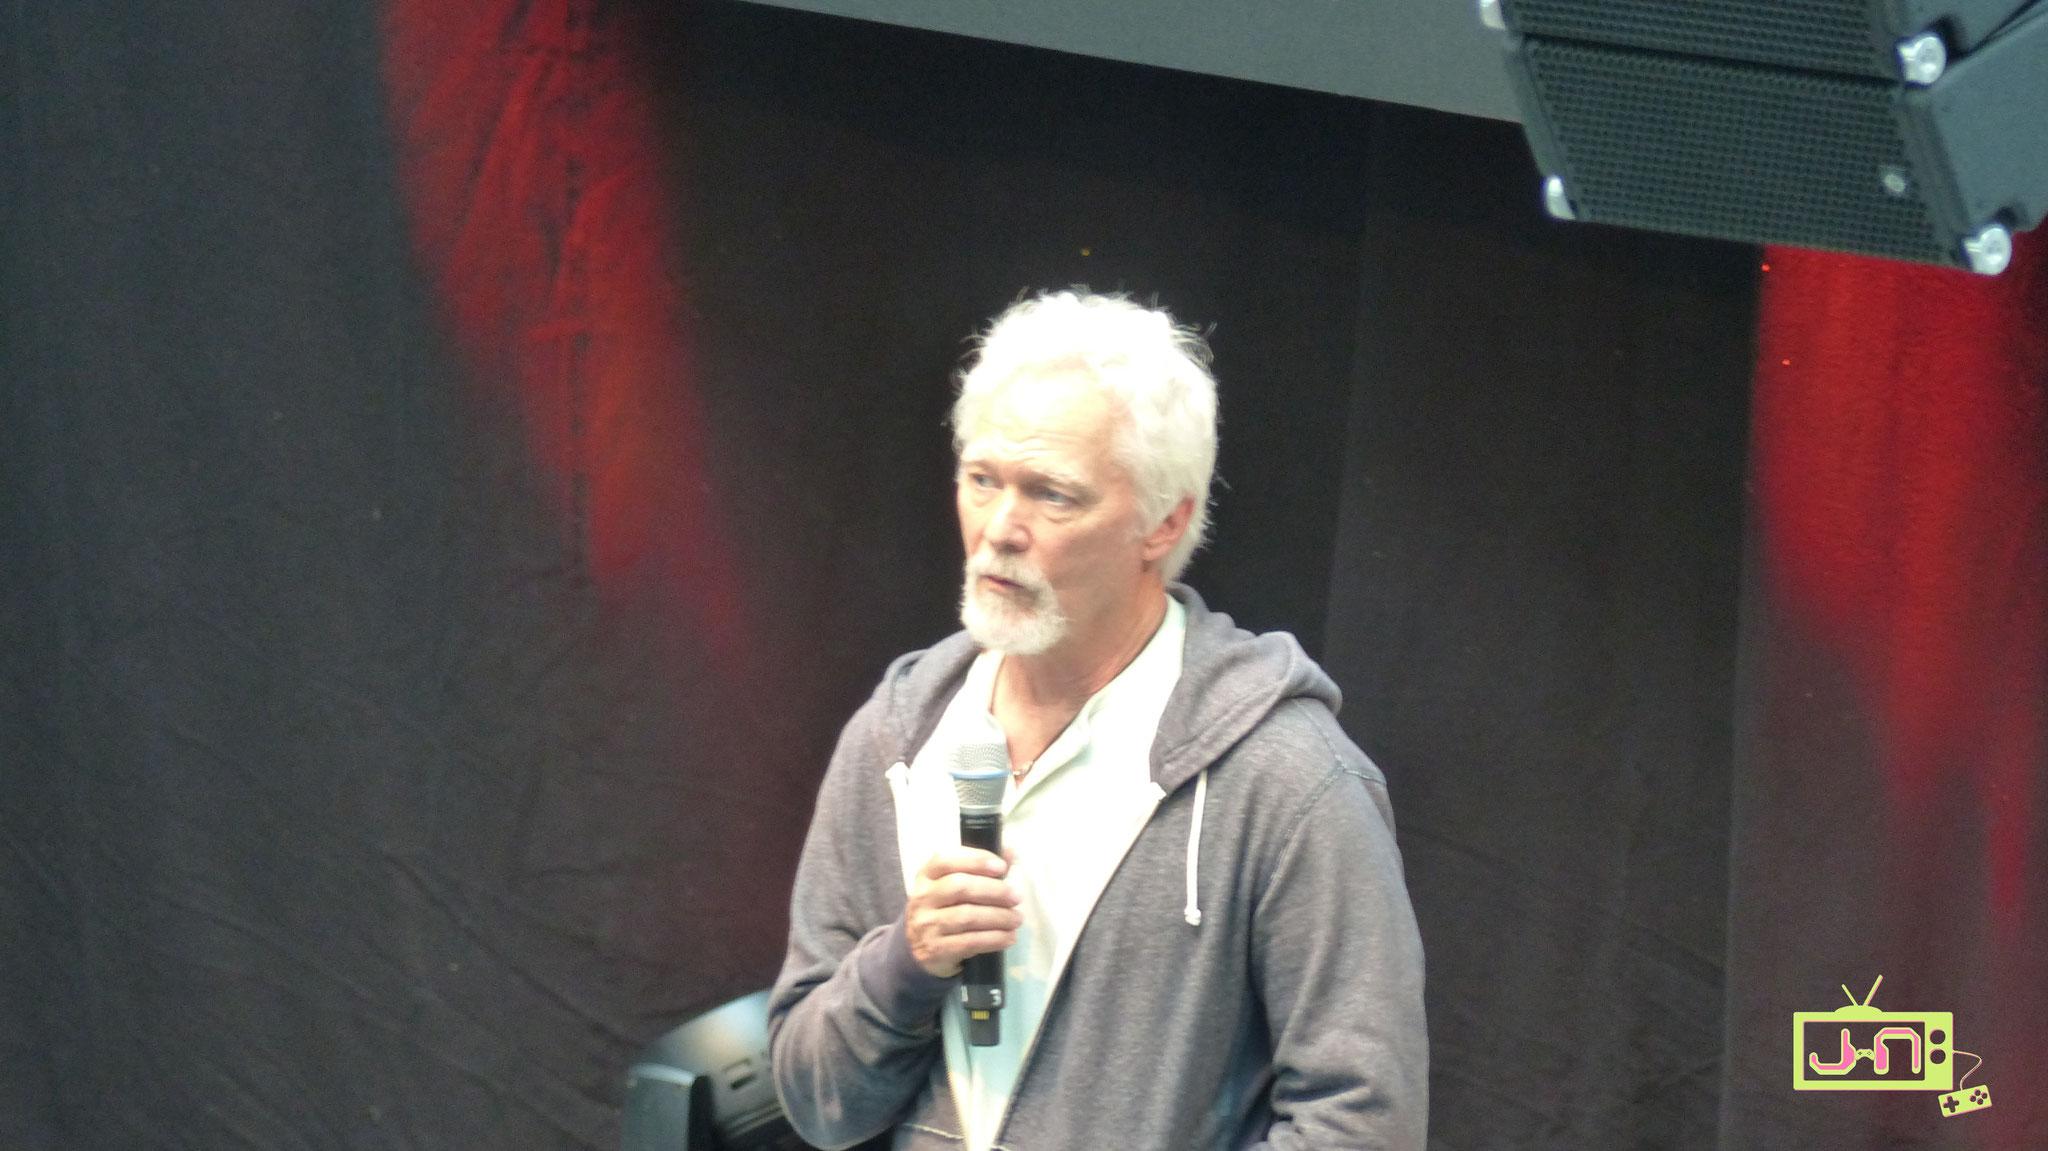 John Morrison, bekannt aus Space 2063 und 24